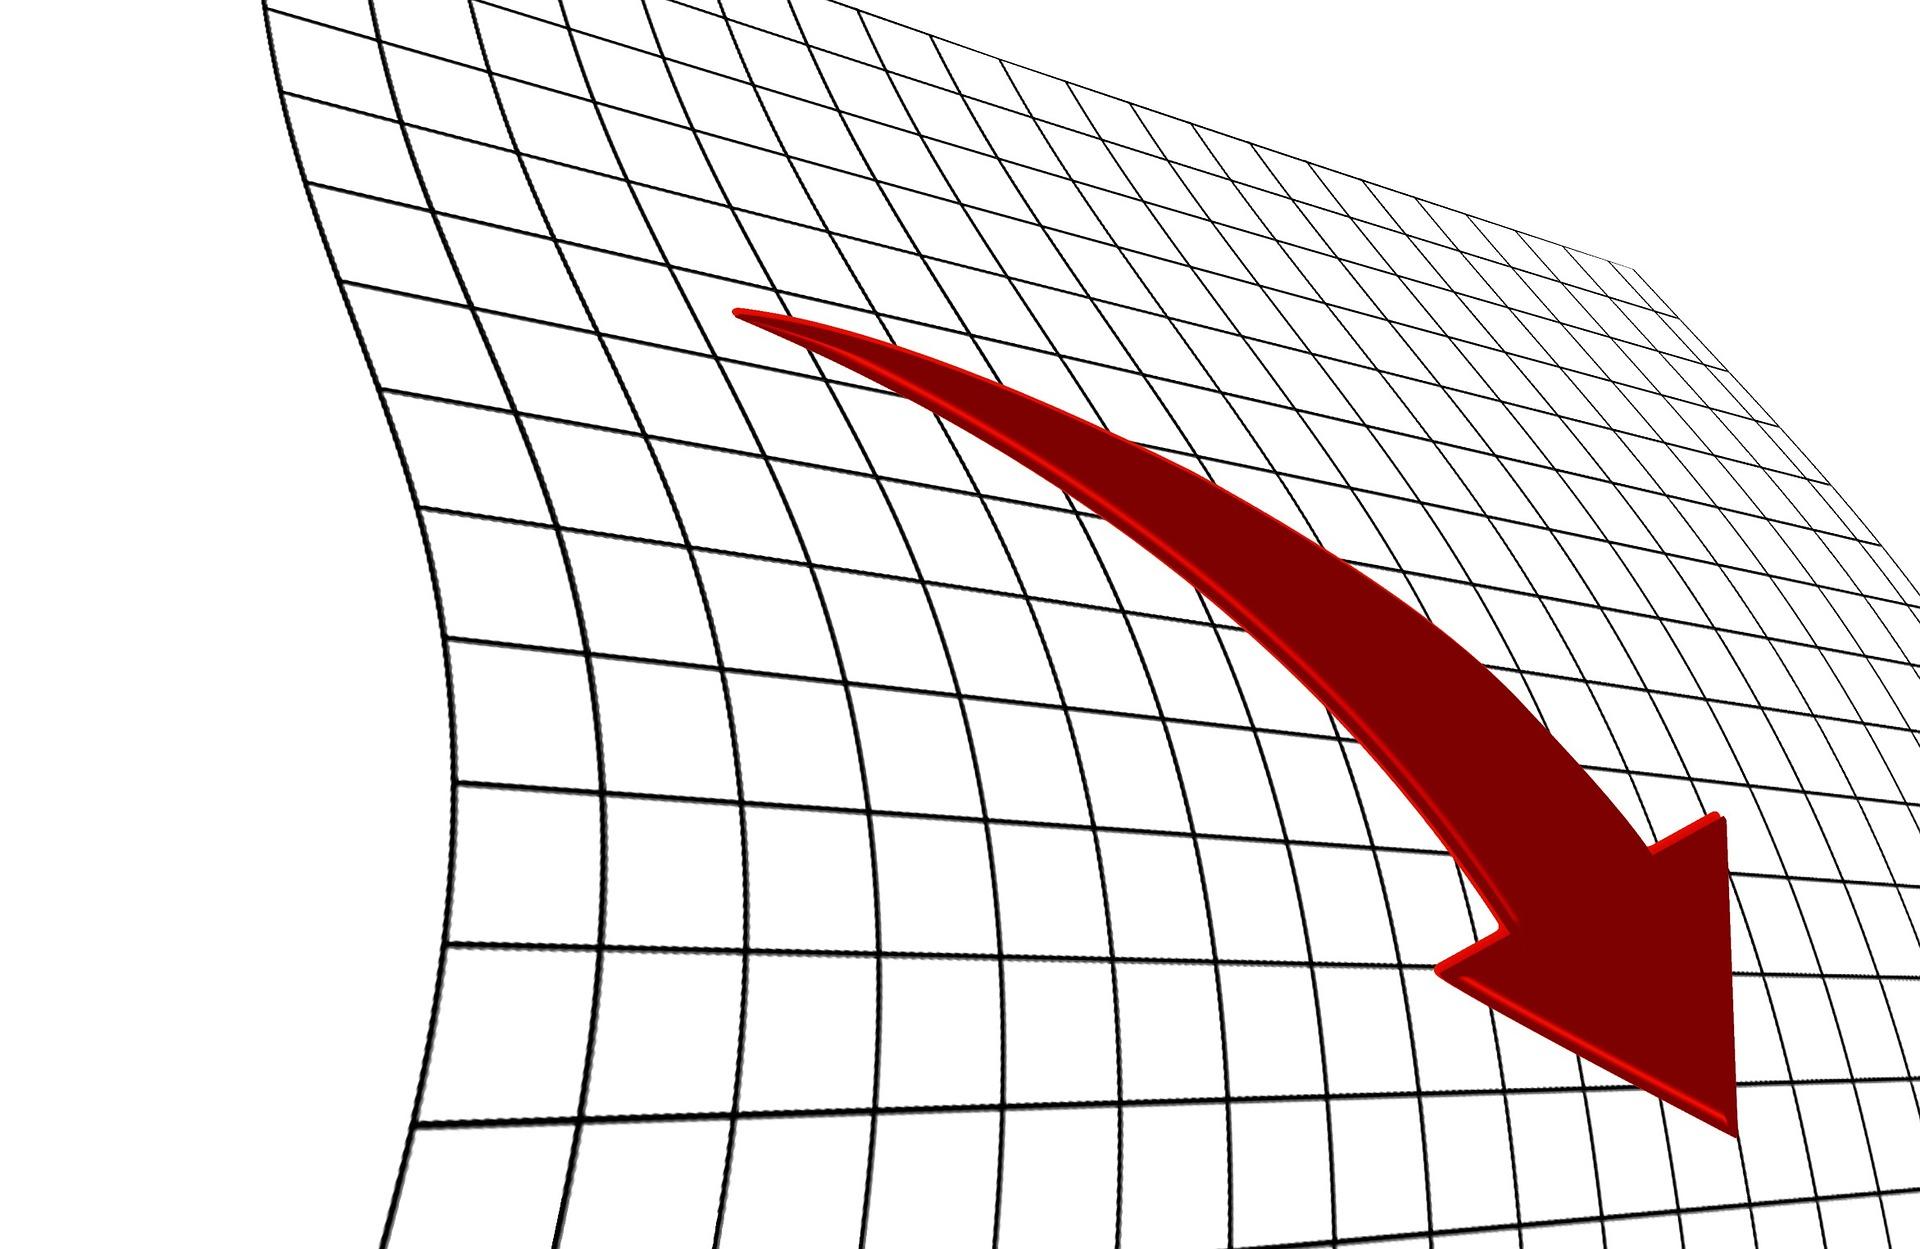 Taxa Selic em baixa: Onde aplicar?